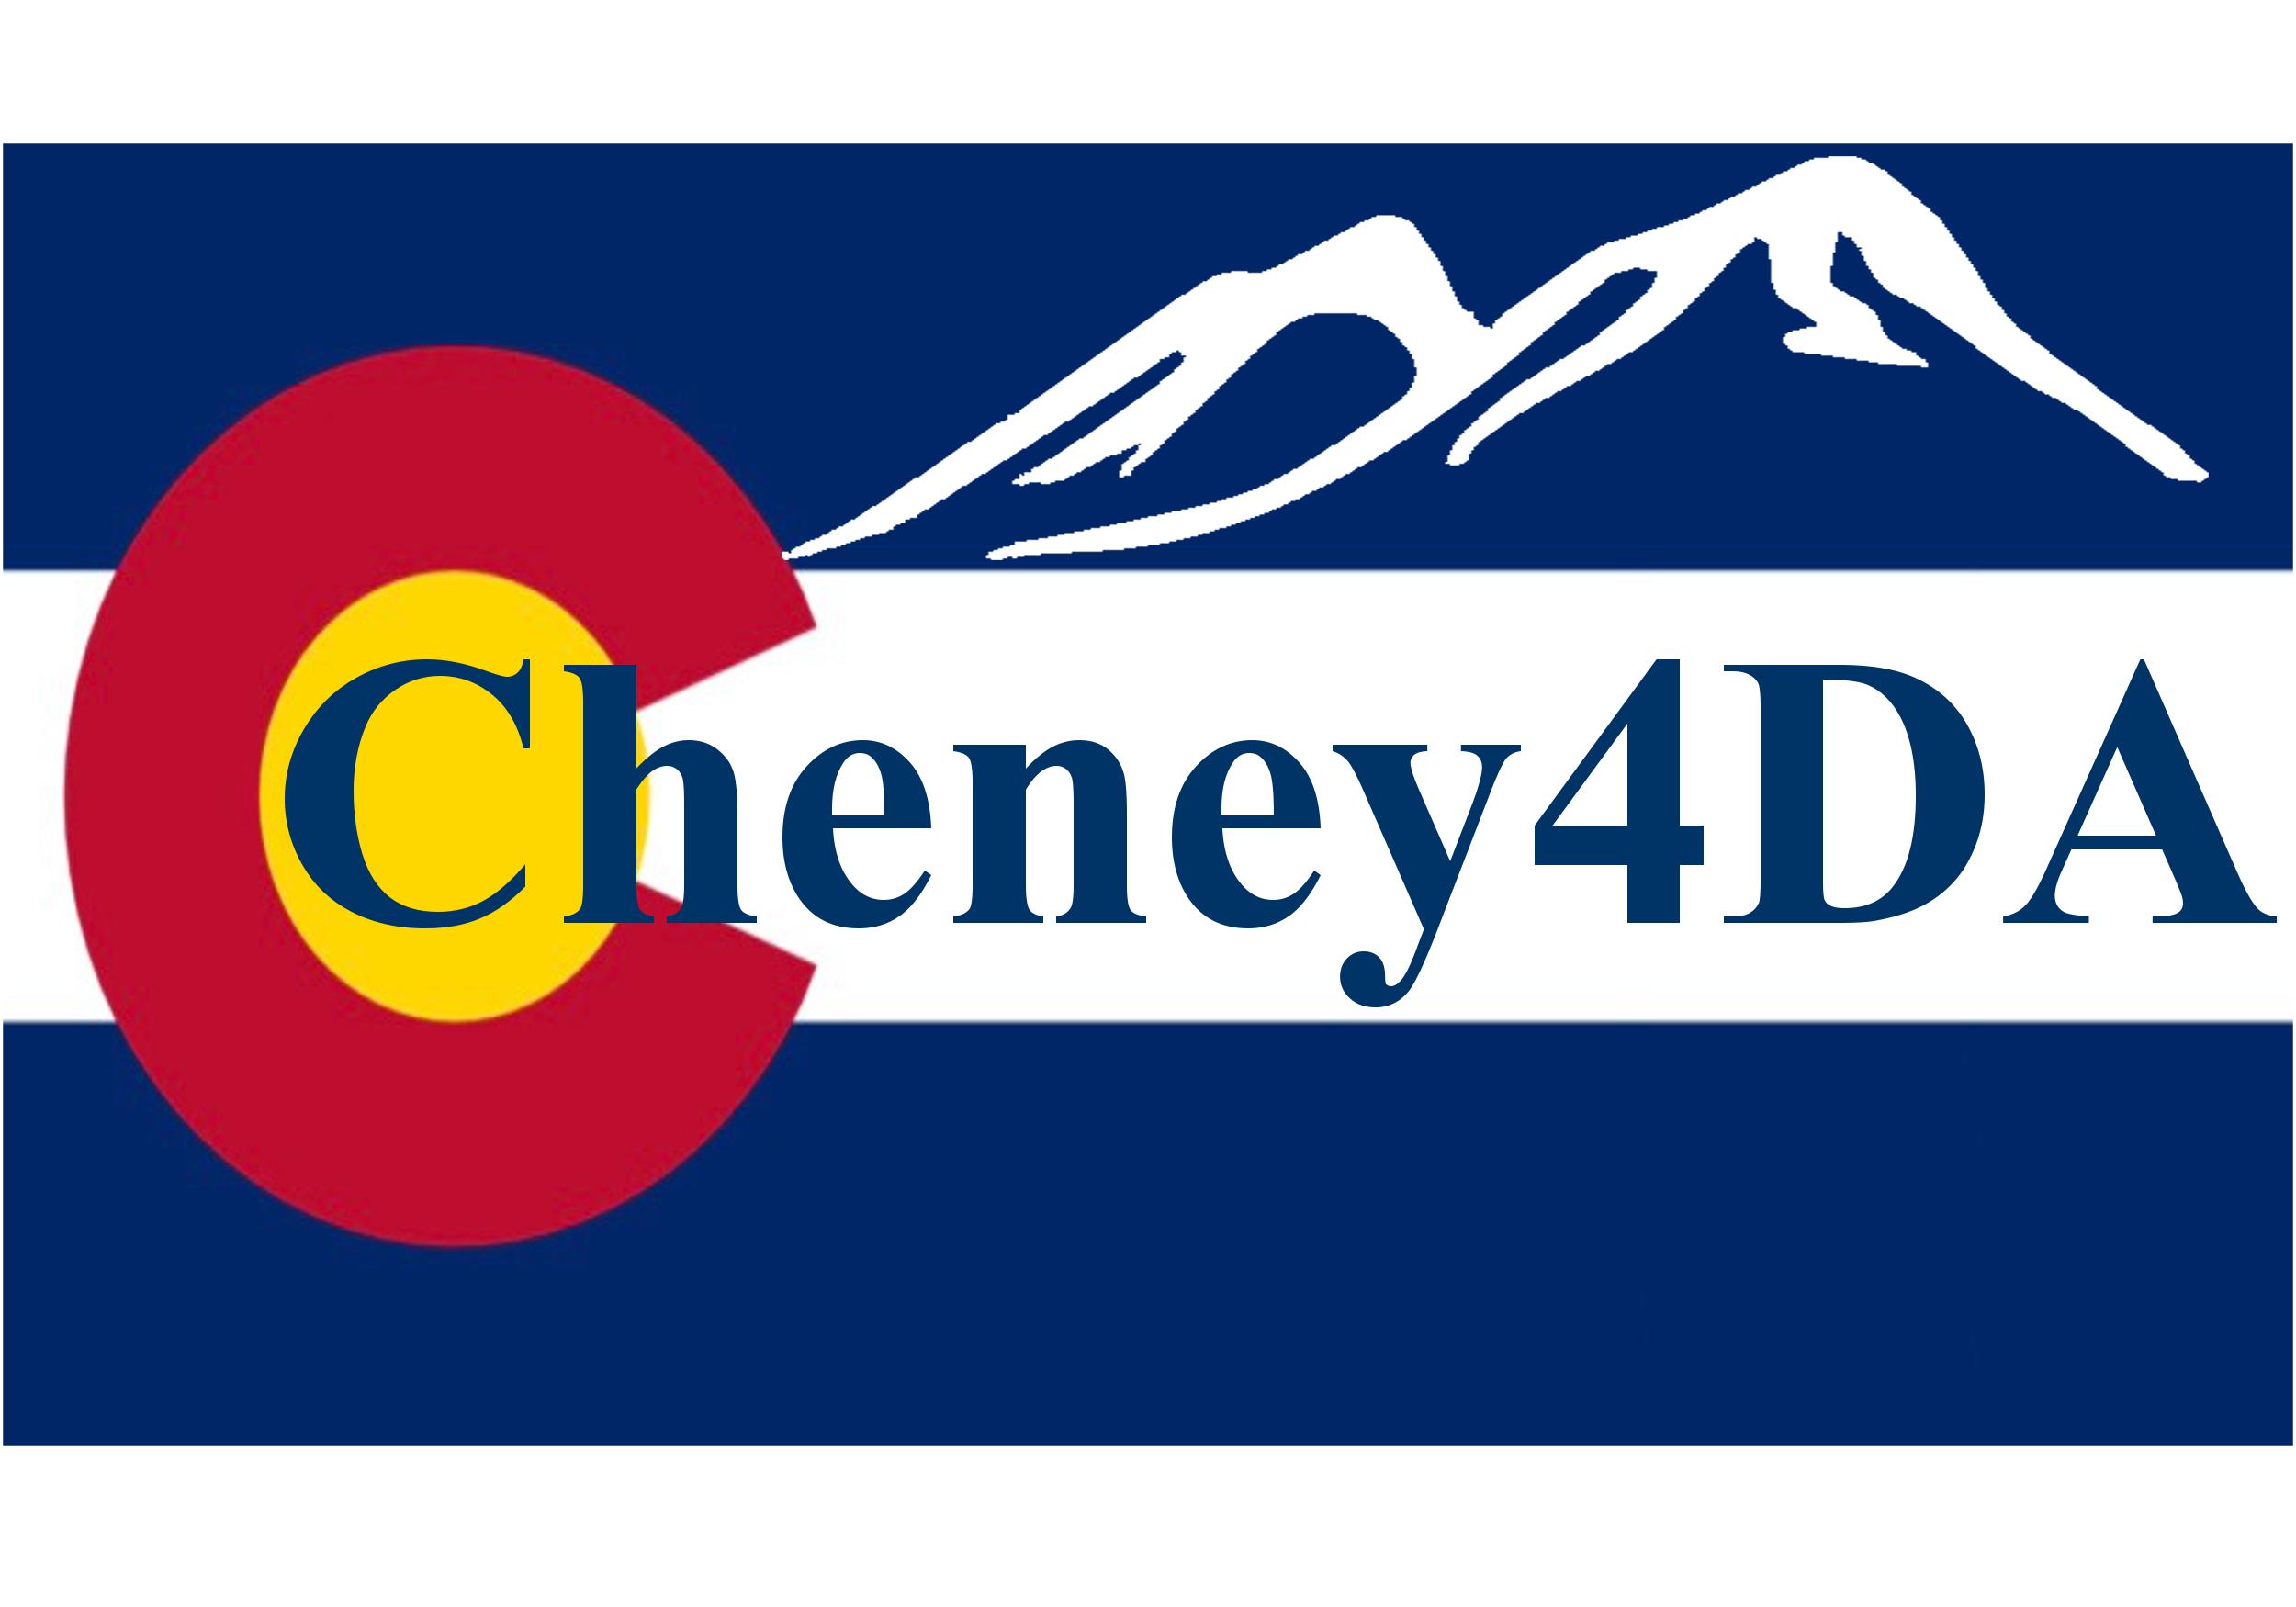 Cheney4DAalmostfinal